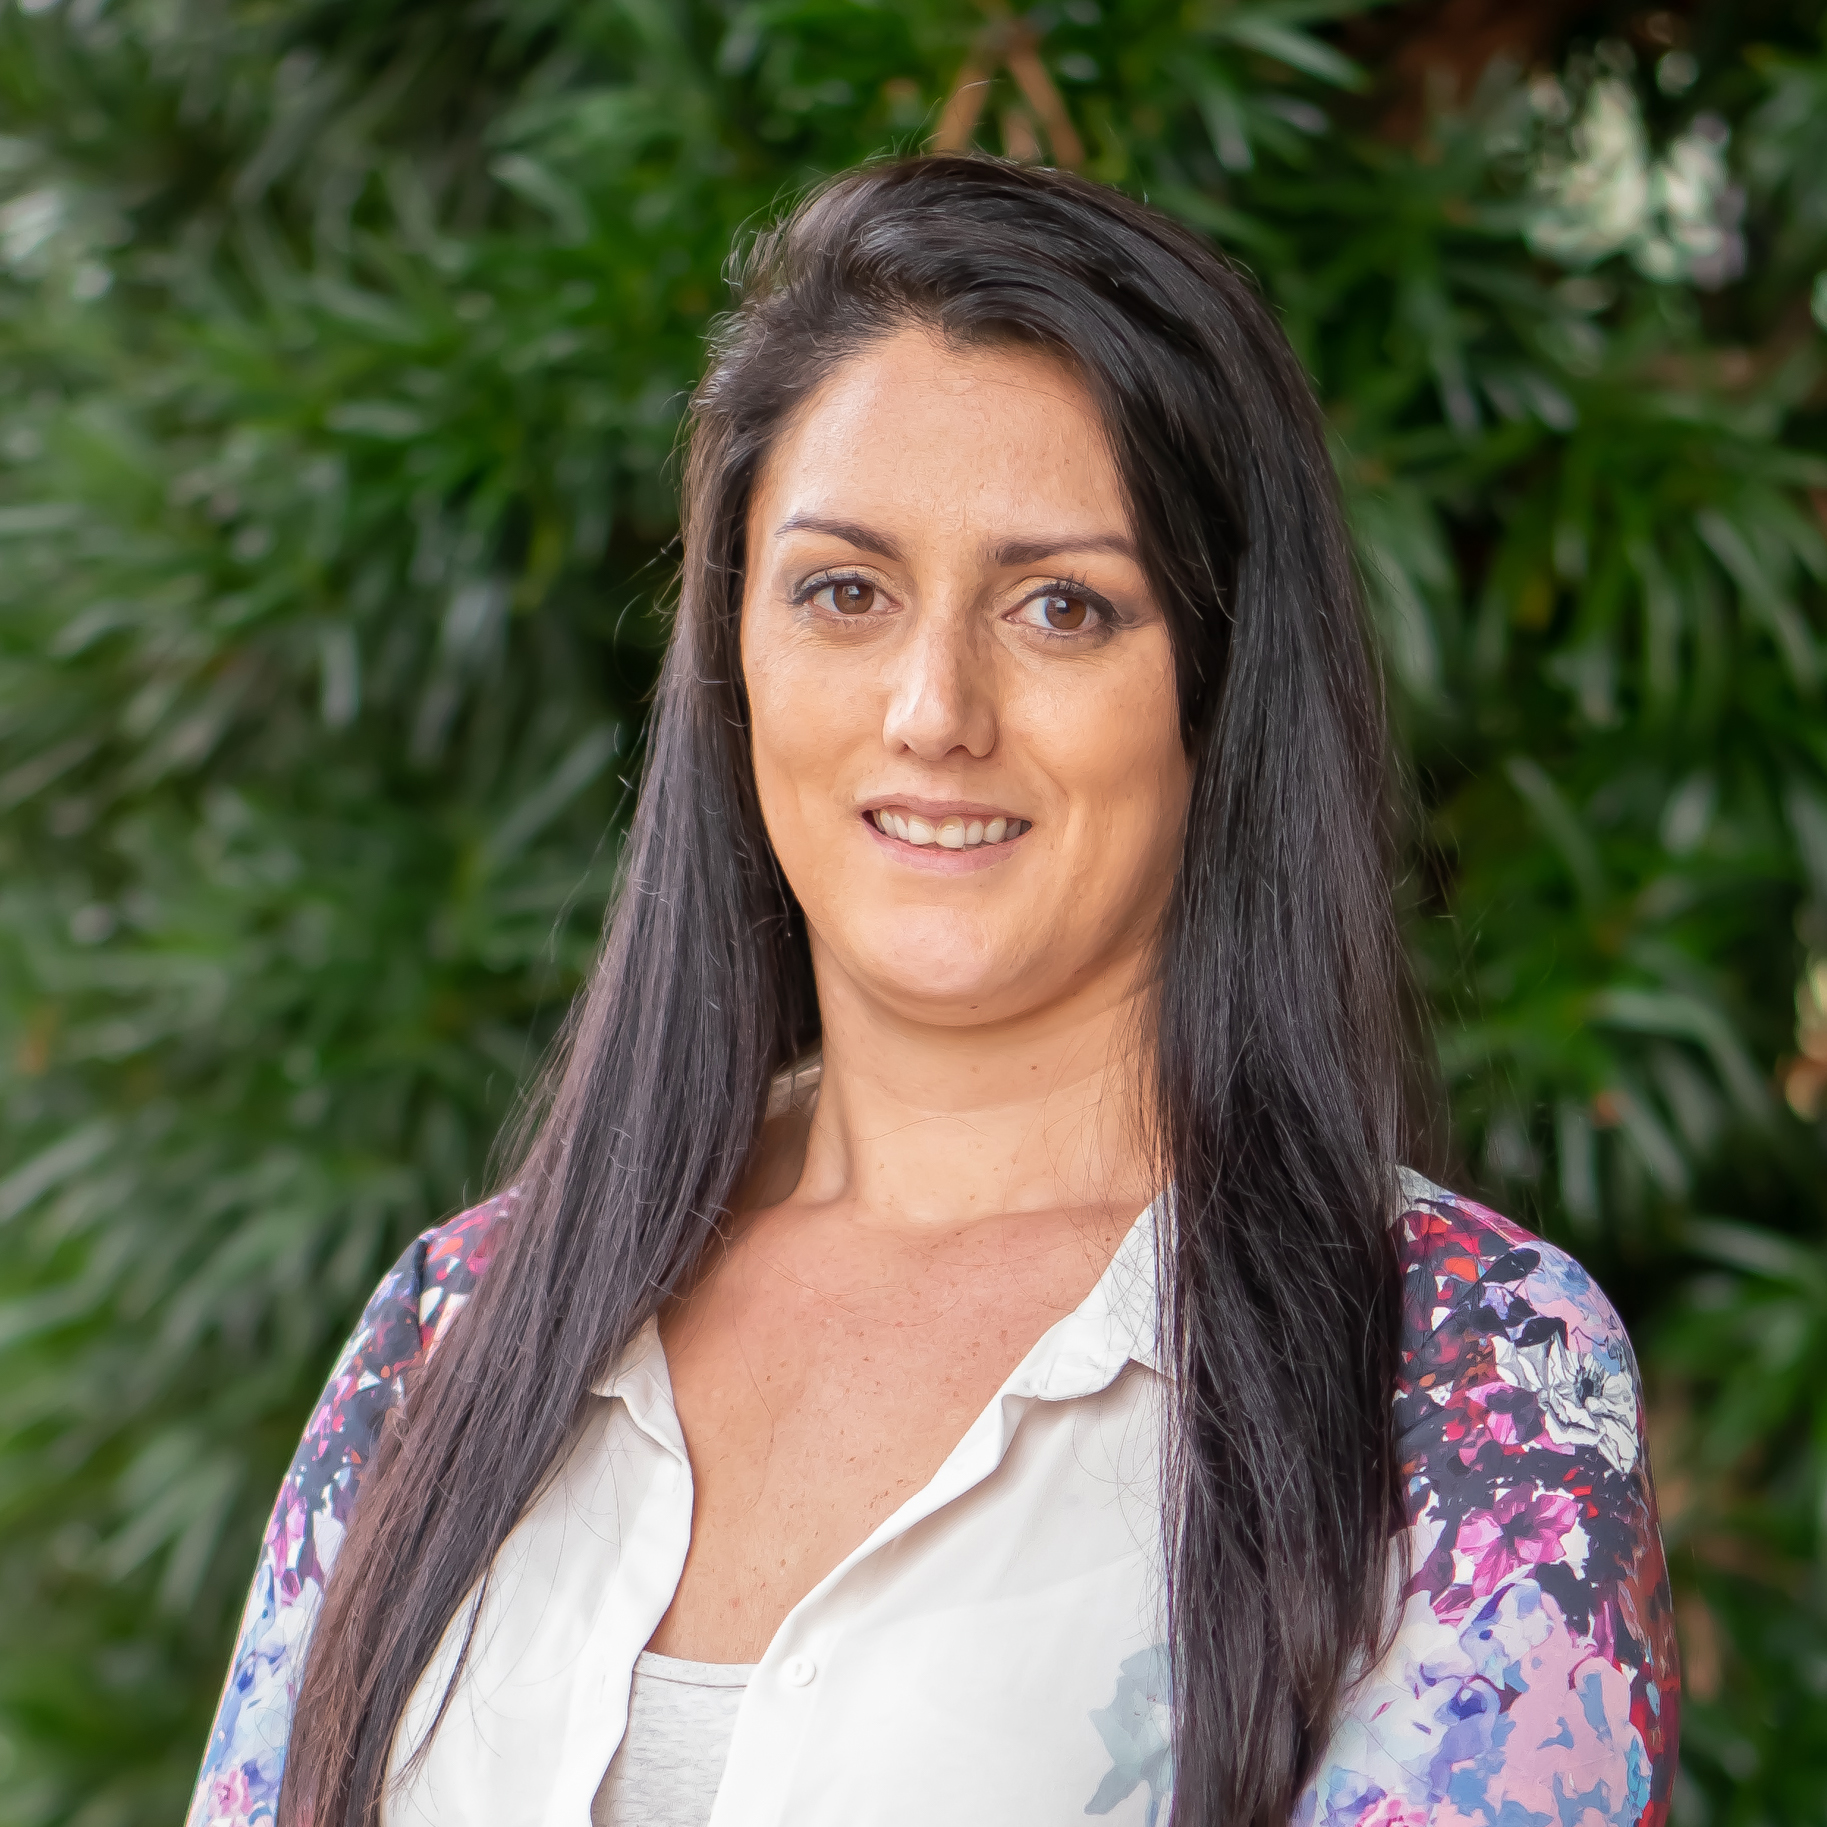 Raquel Camacho Ea Image